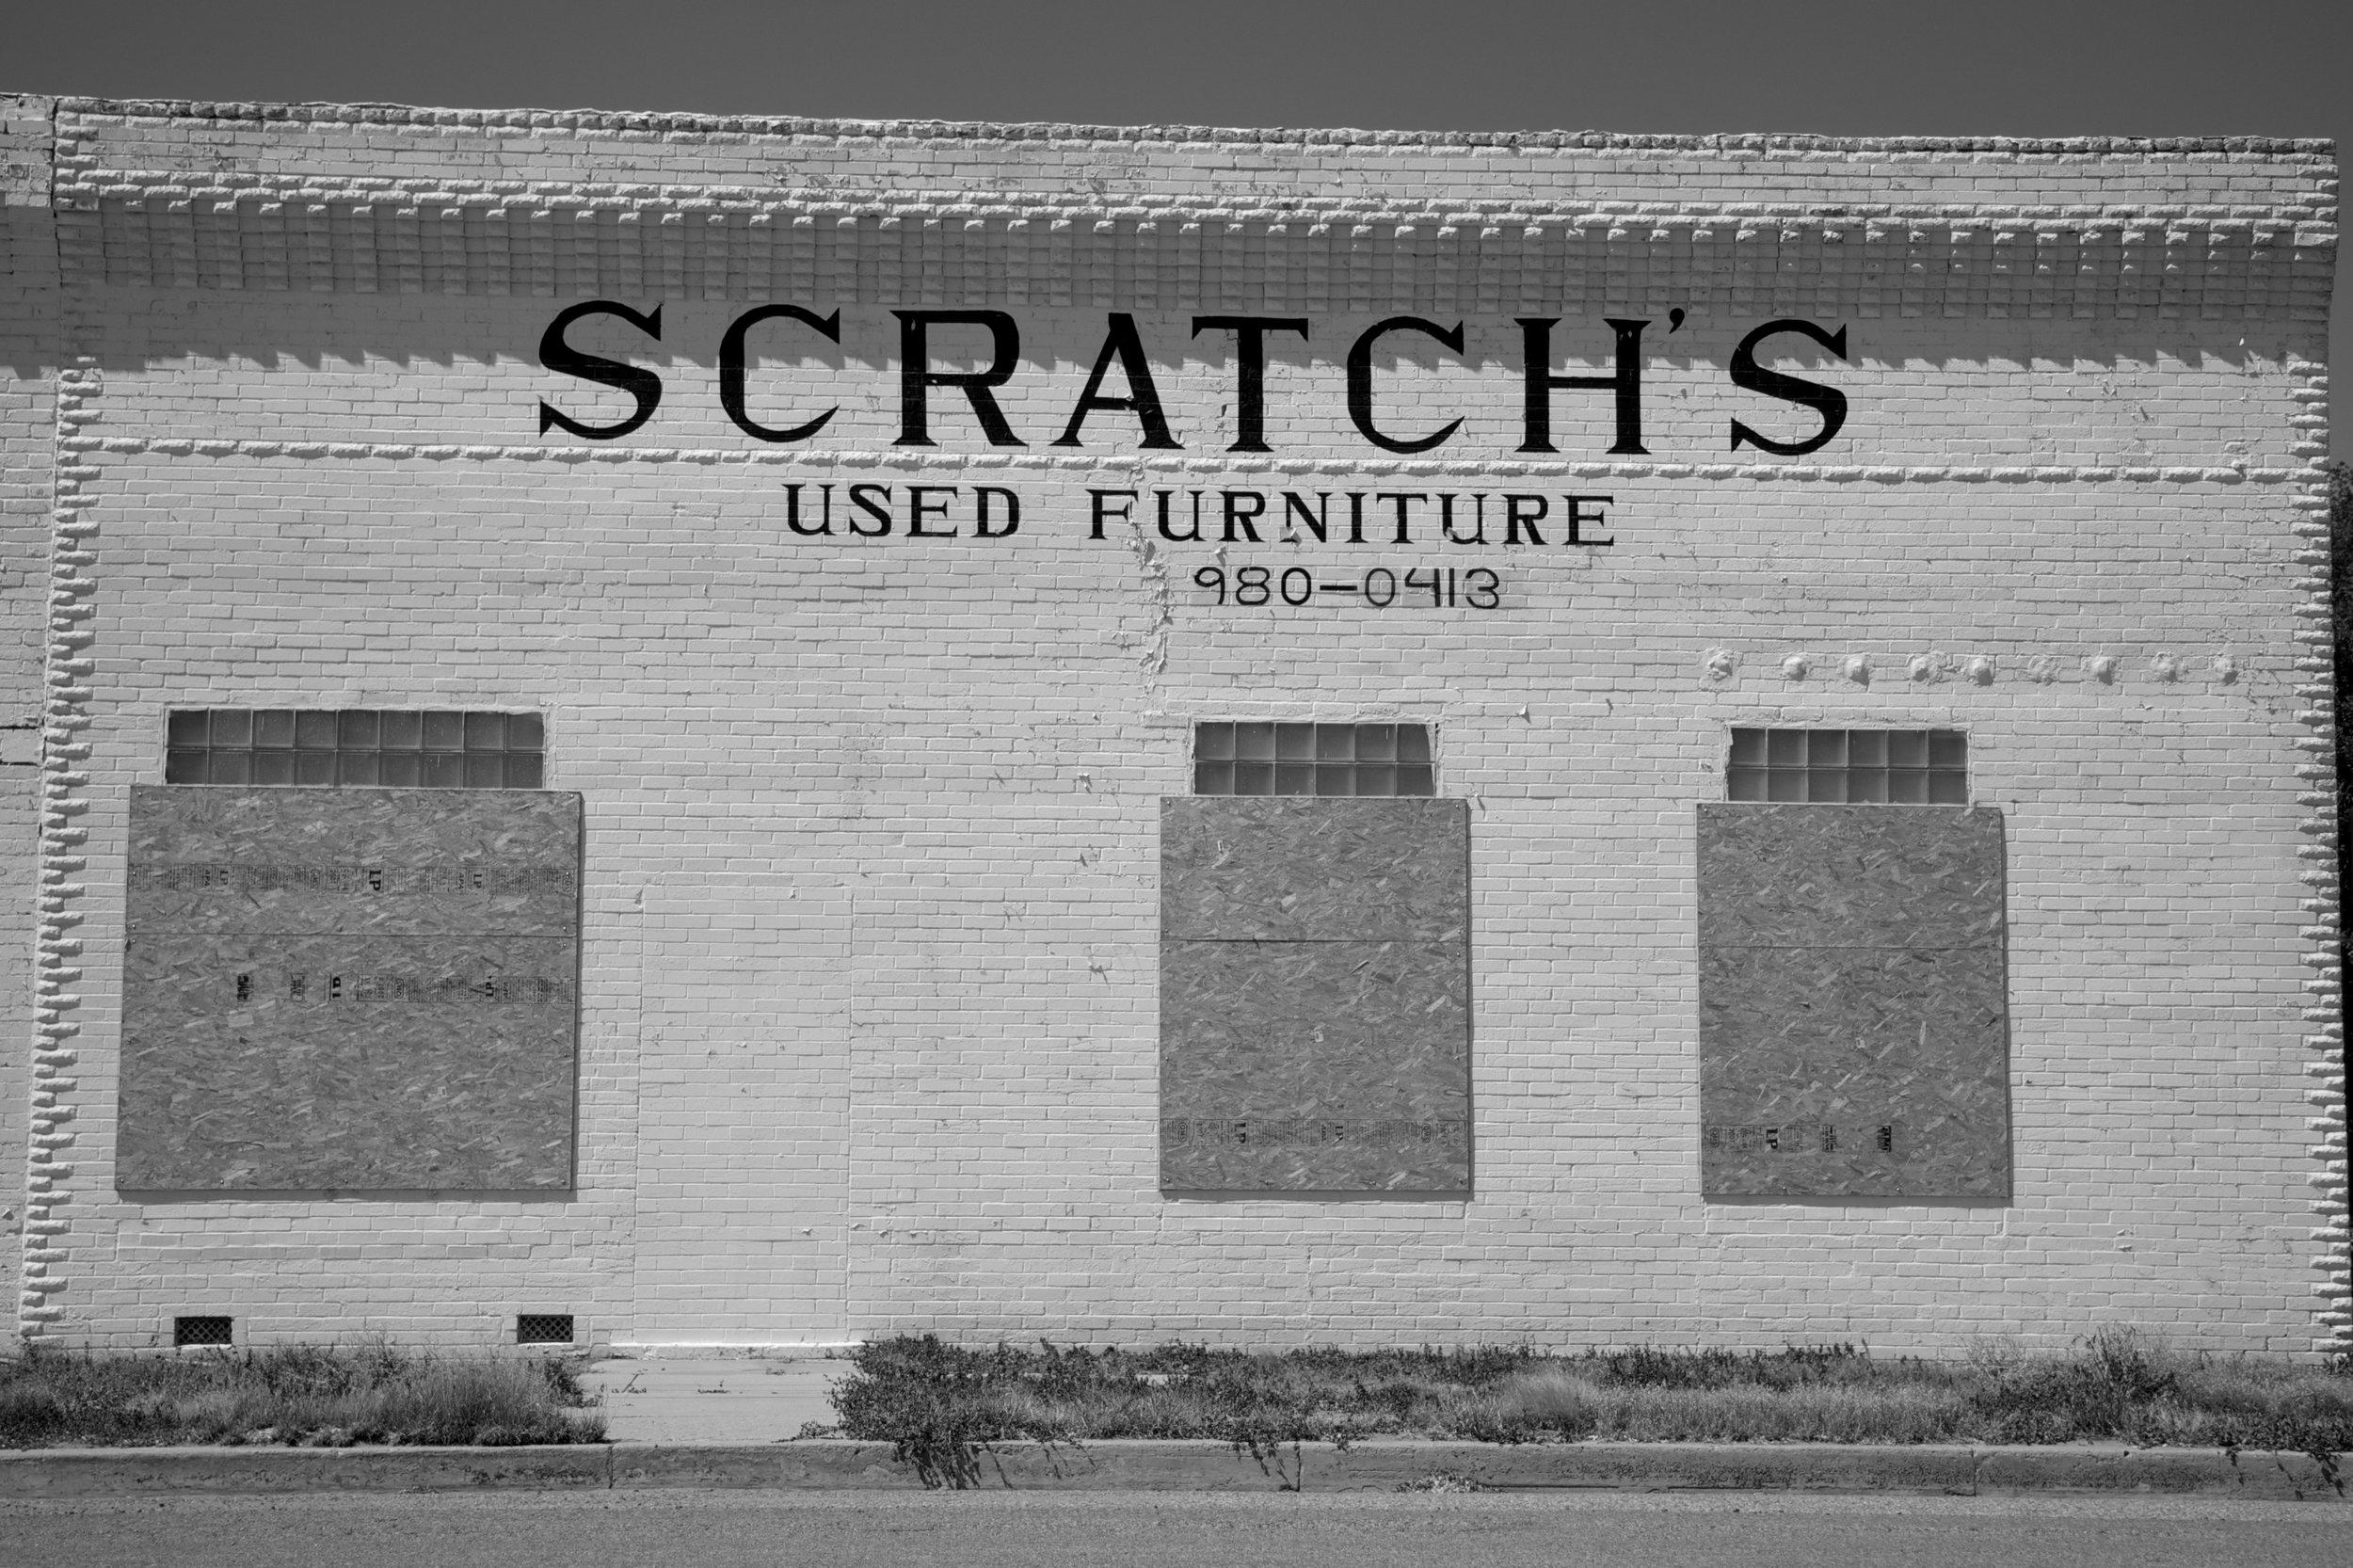 Scratch's